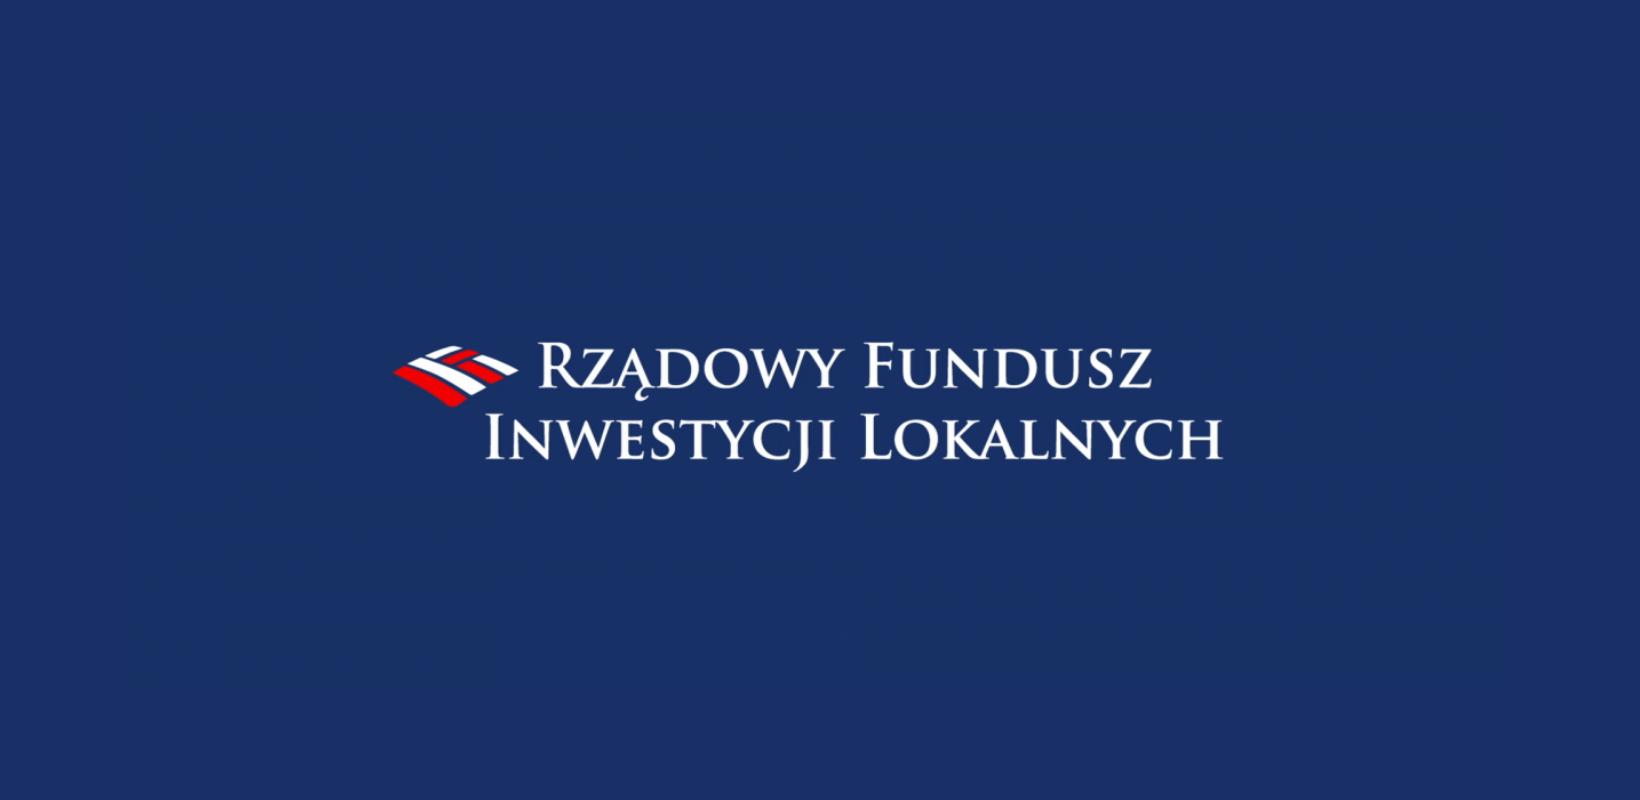 Rządowy Fundusz Inwestycji Lokalnych - logo